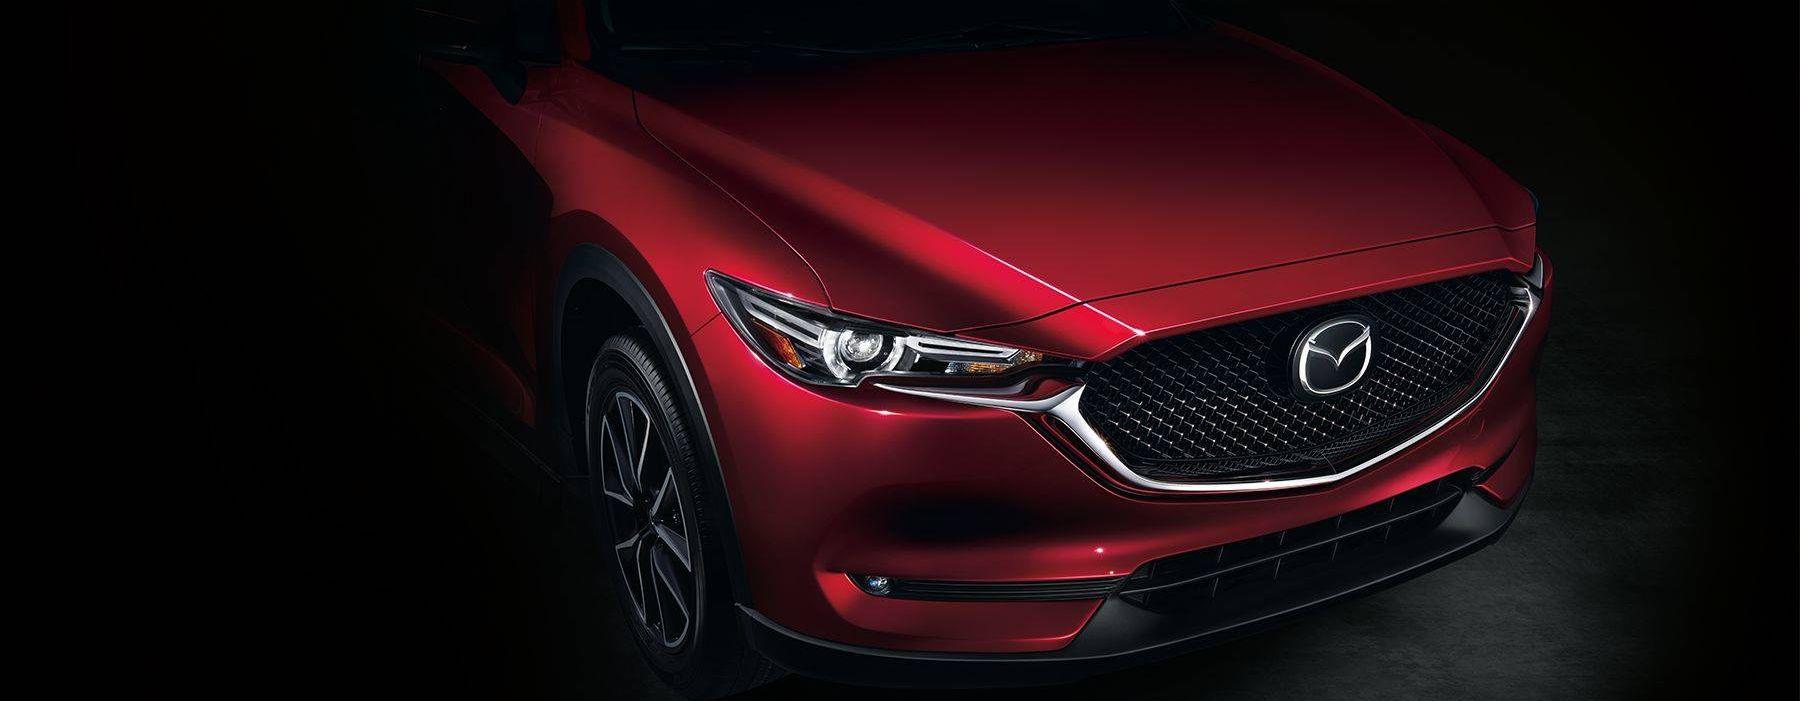 The Mazda CX-5's Bold Front Fascia